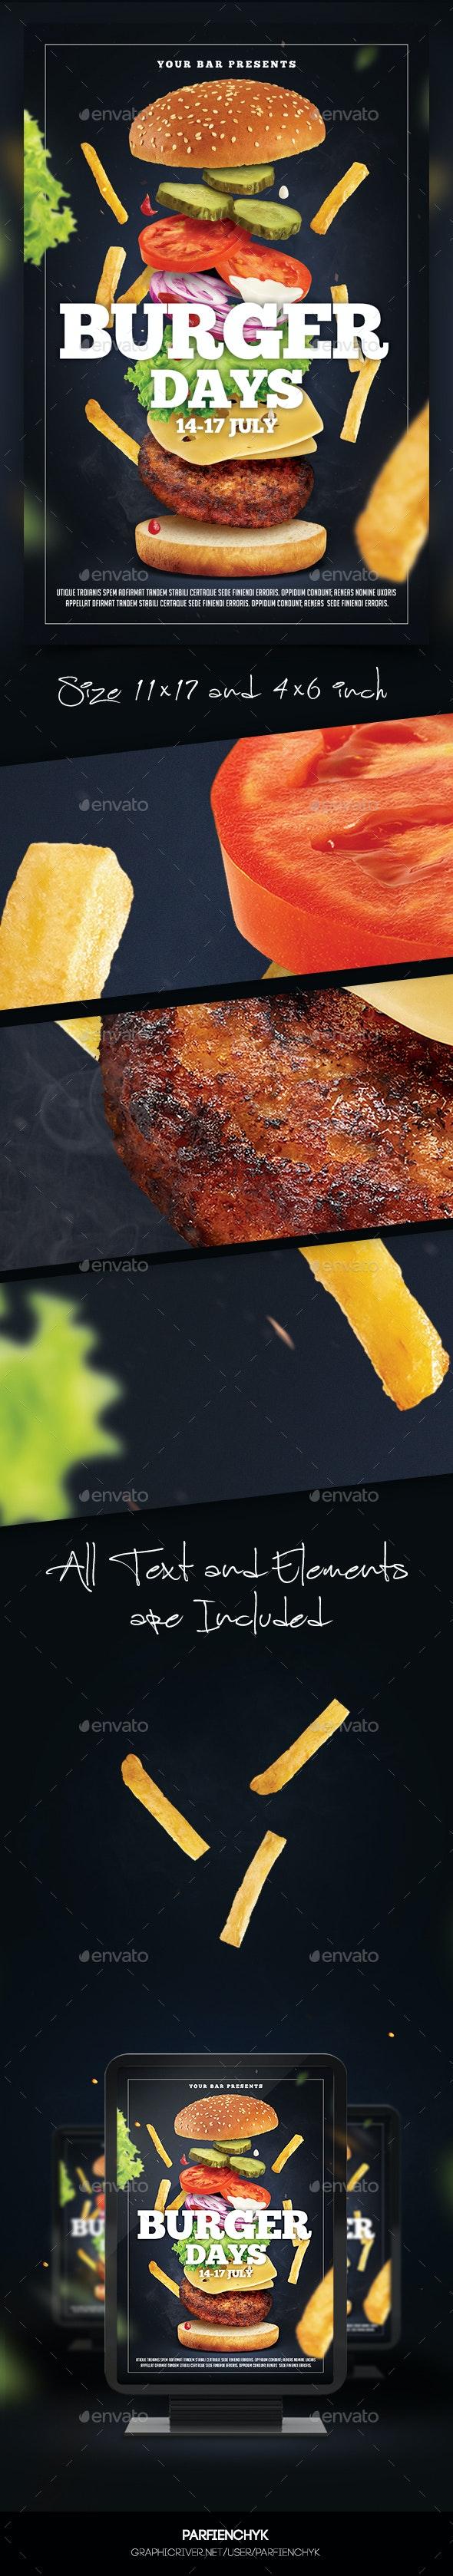 Burger Flyer Template - Restaurant Flyers